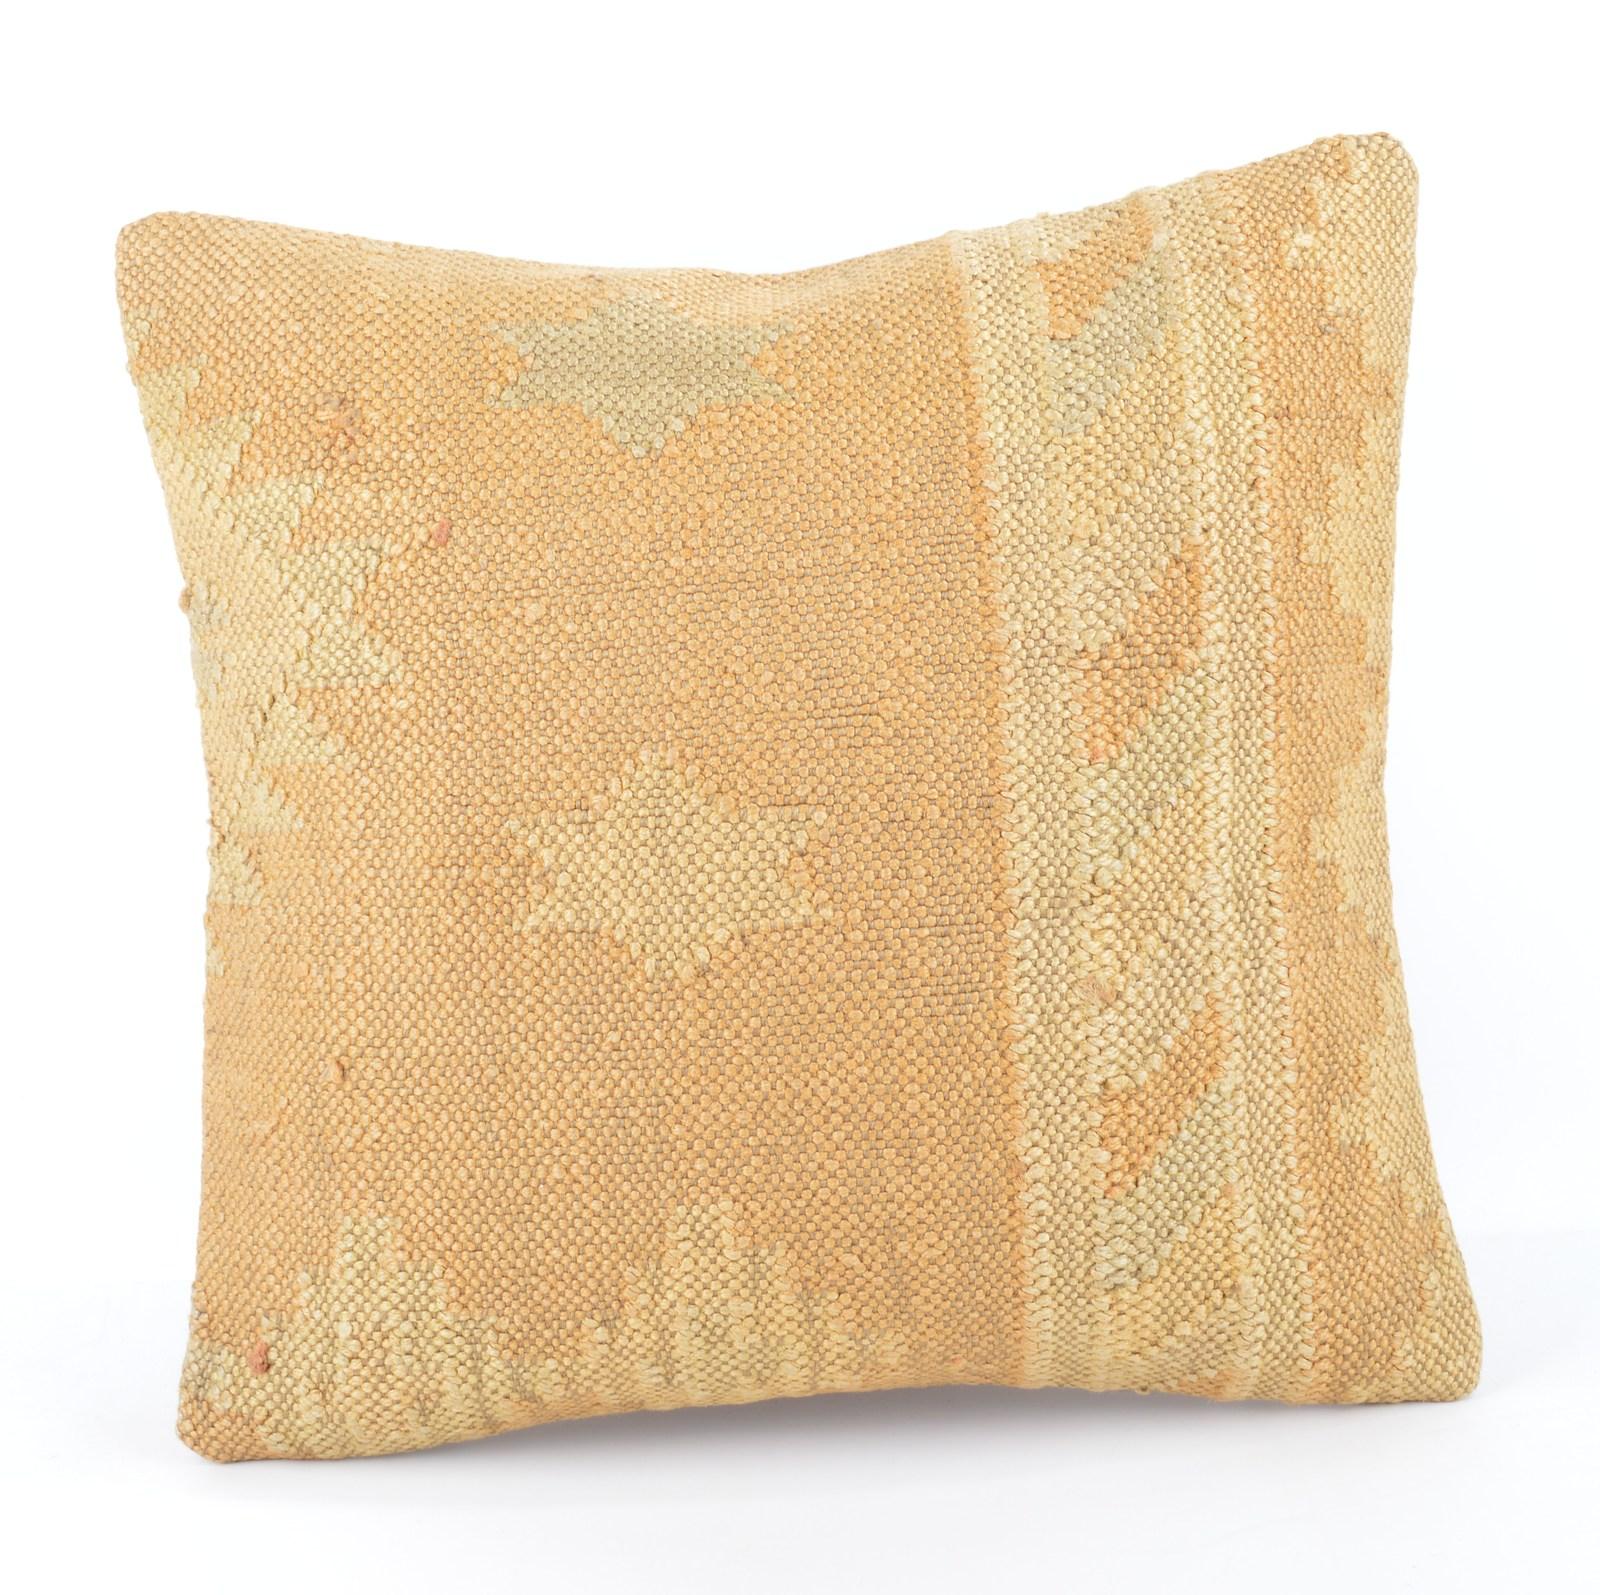 Kilim Rug Throw Pillows : throw pillow - throw Kilim Pillow- throw rug,throw gold pillow,throw cushions - Pillows